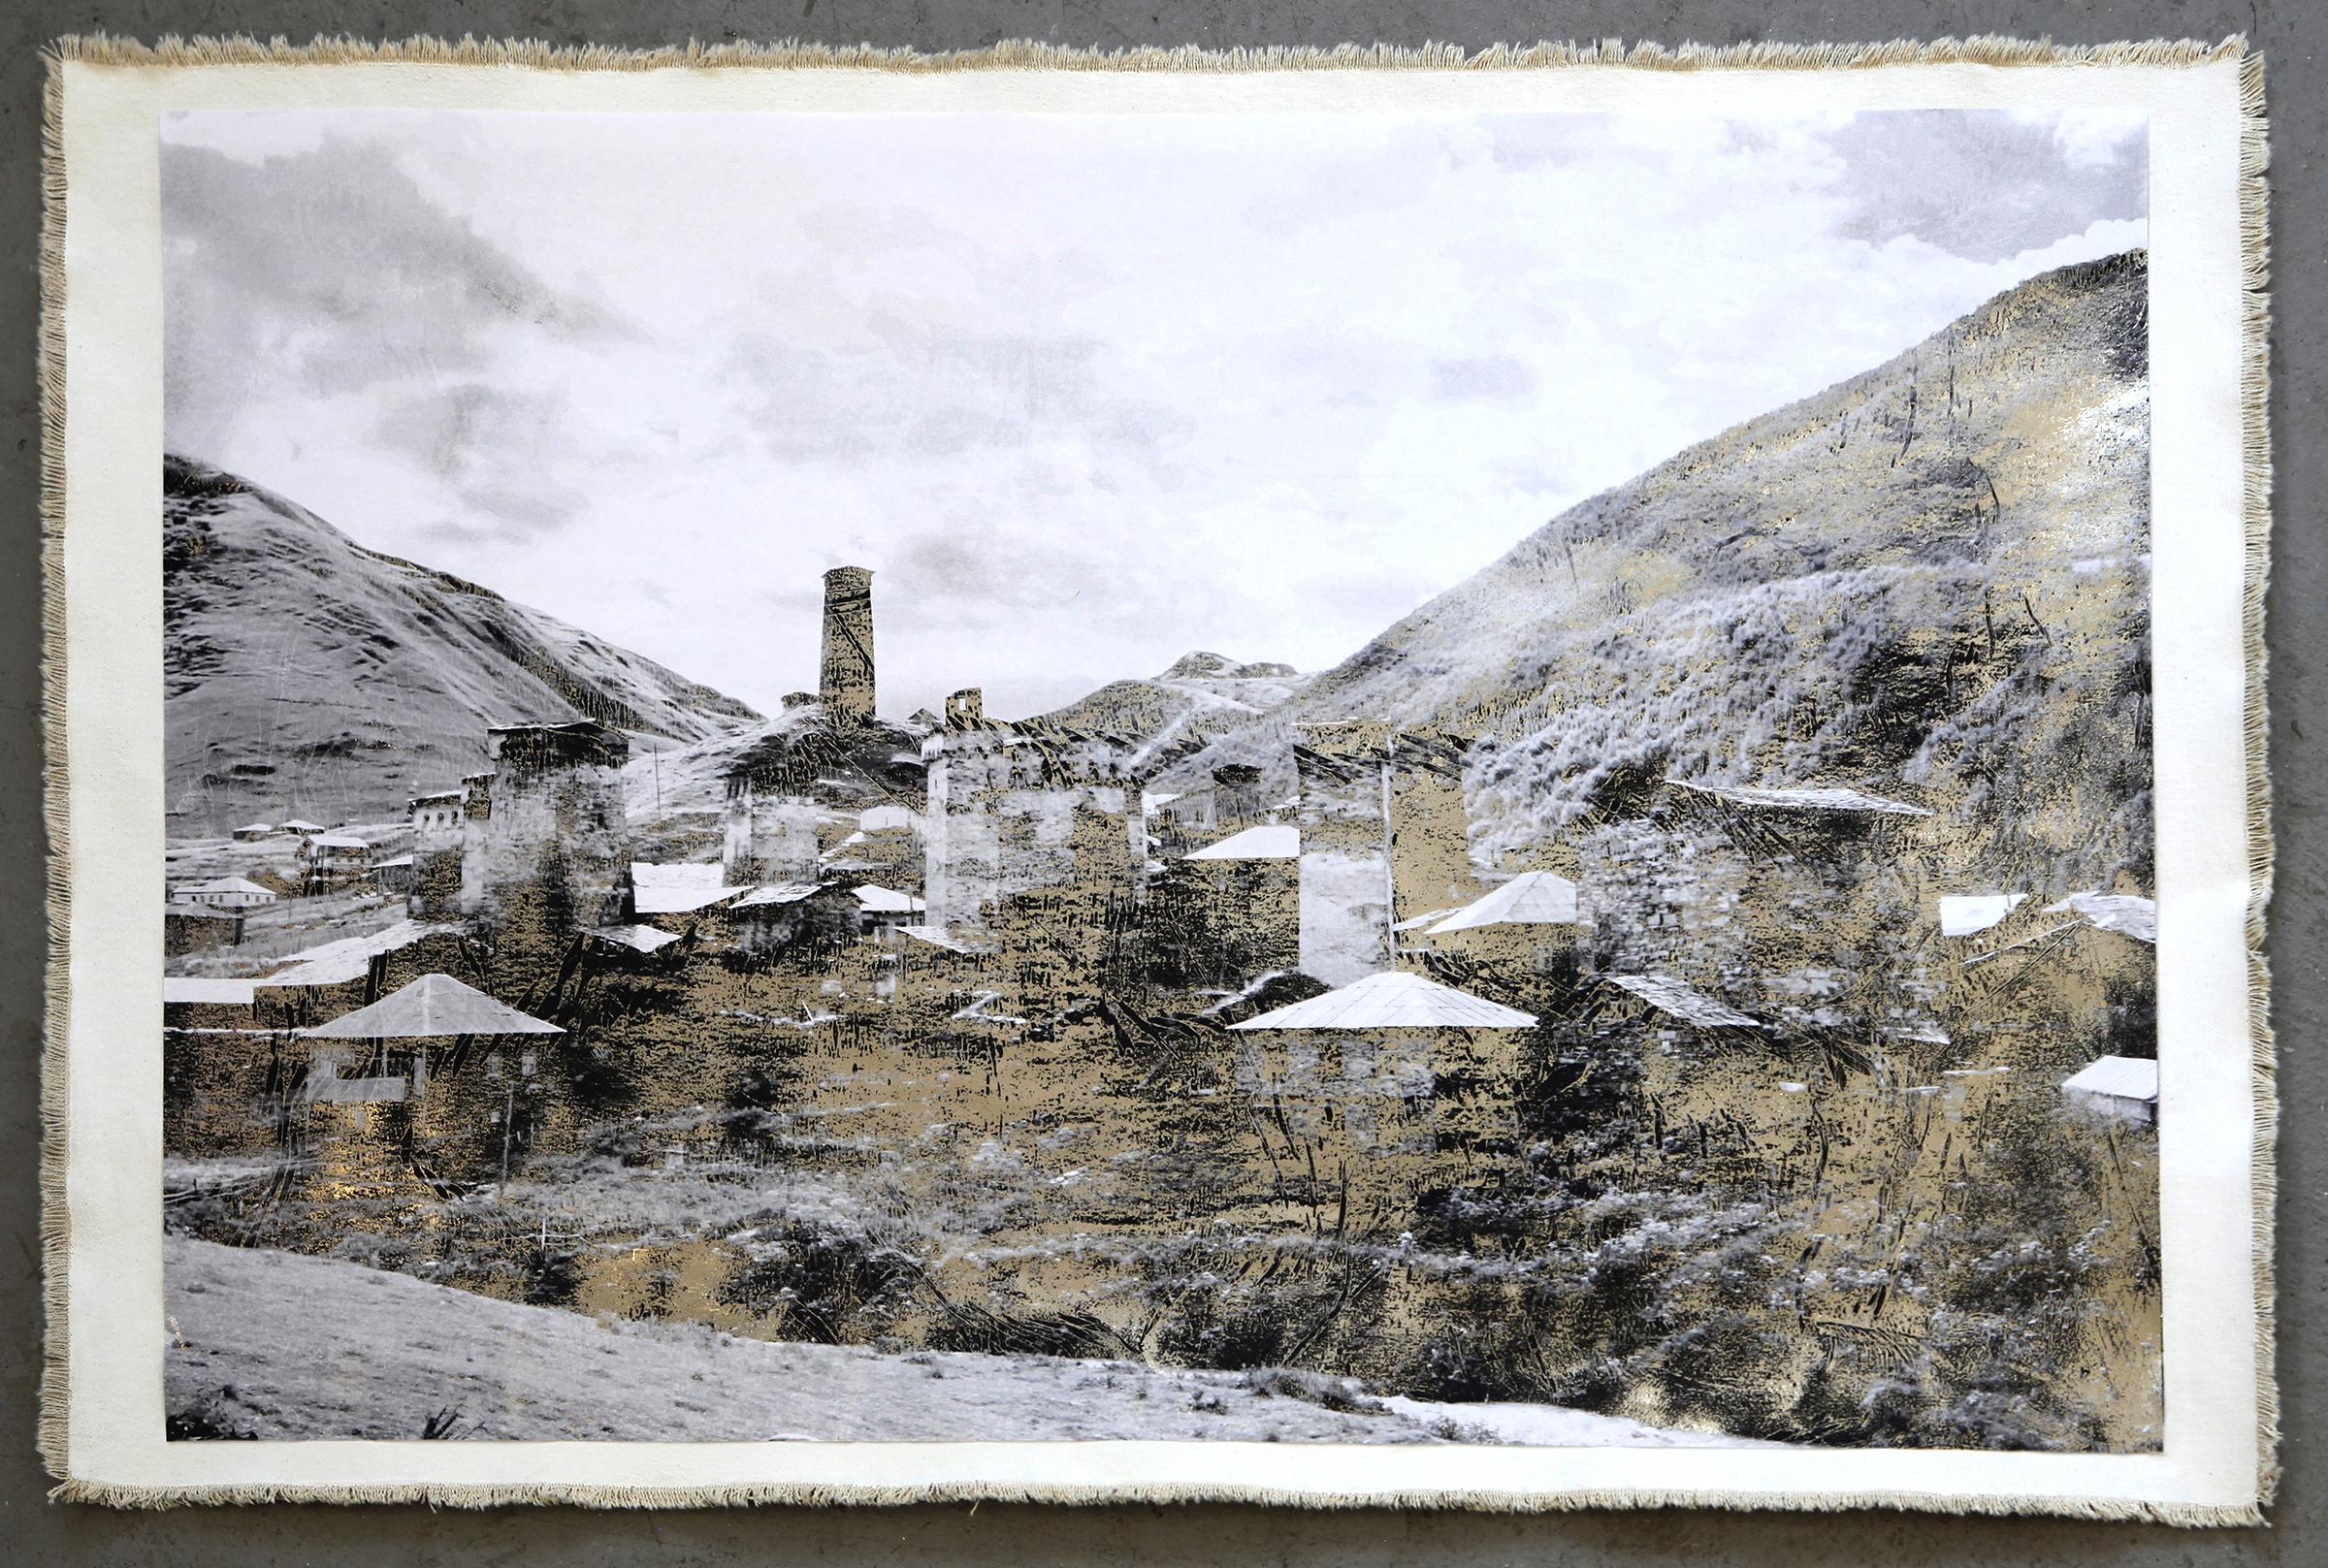 Ushguli Lower Village